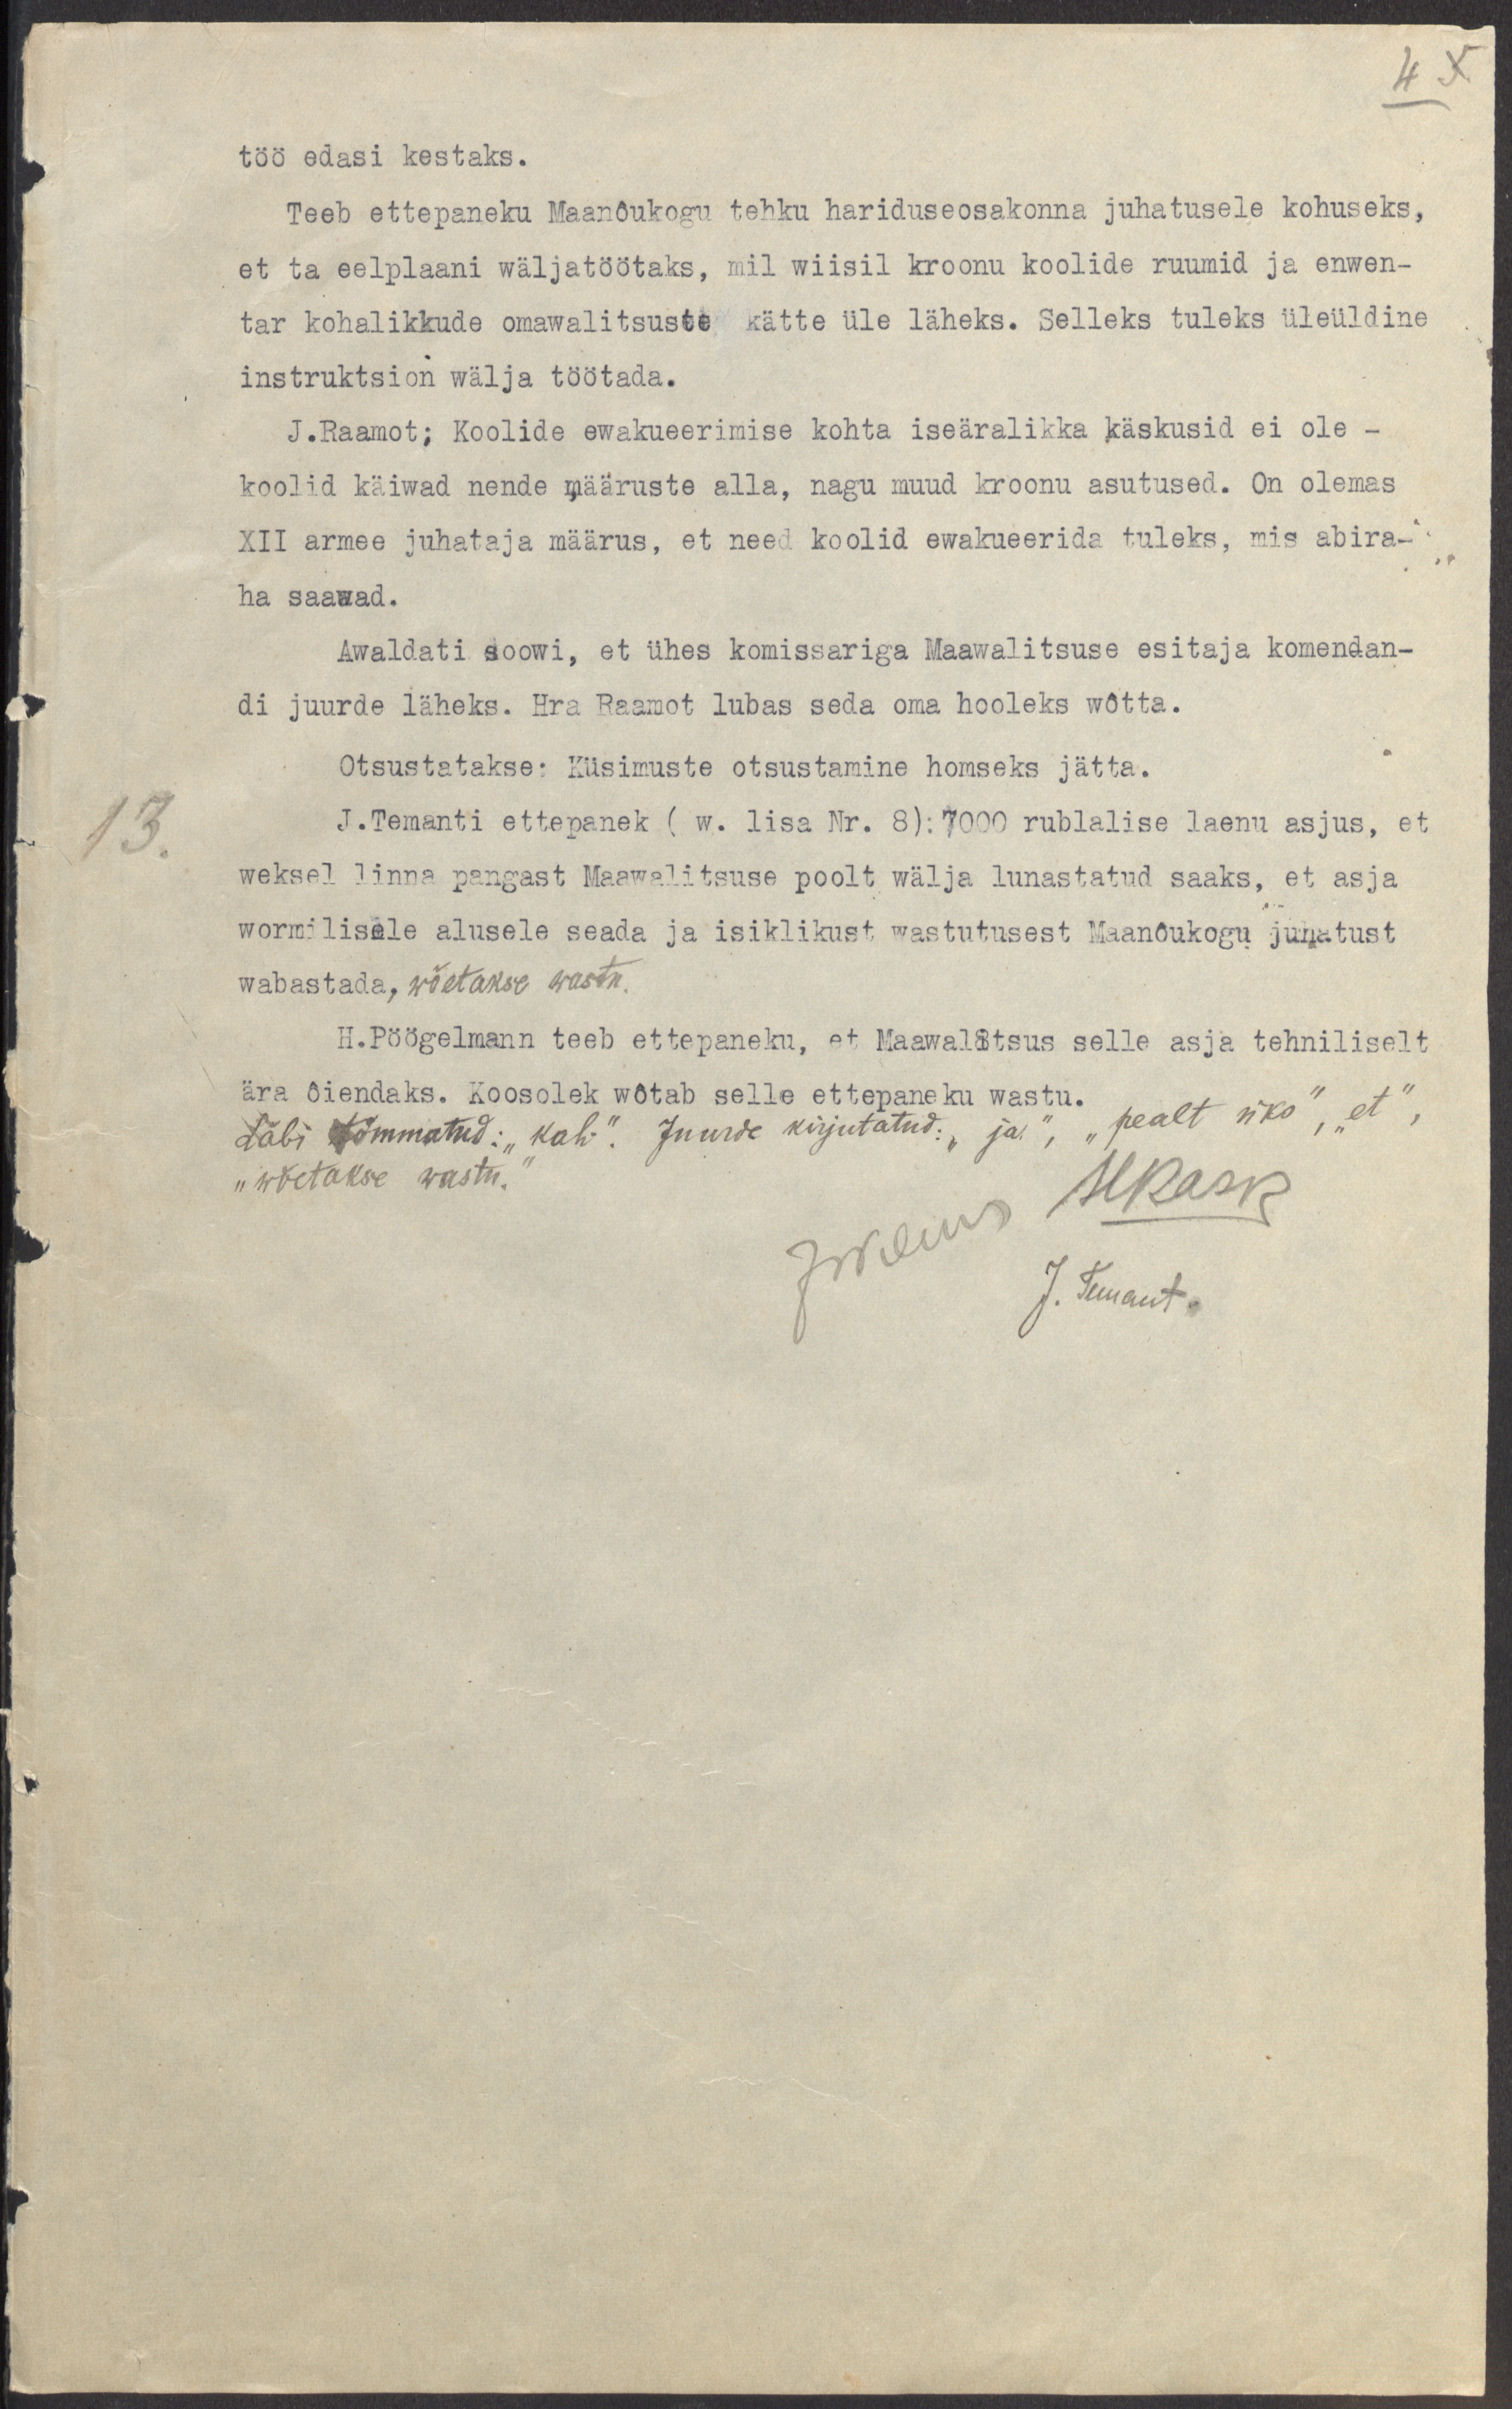 Maanõukogu koosolek oktoobrist 1917. Maanõunik on Jaan Teemat. ERA.78.1.97. era78.1.97_lk4